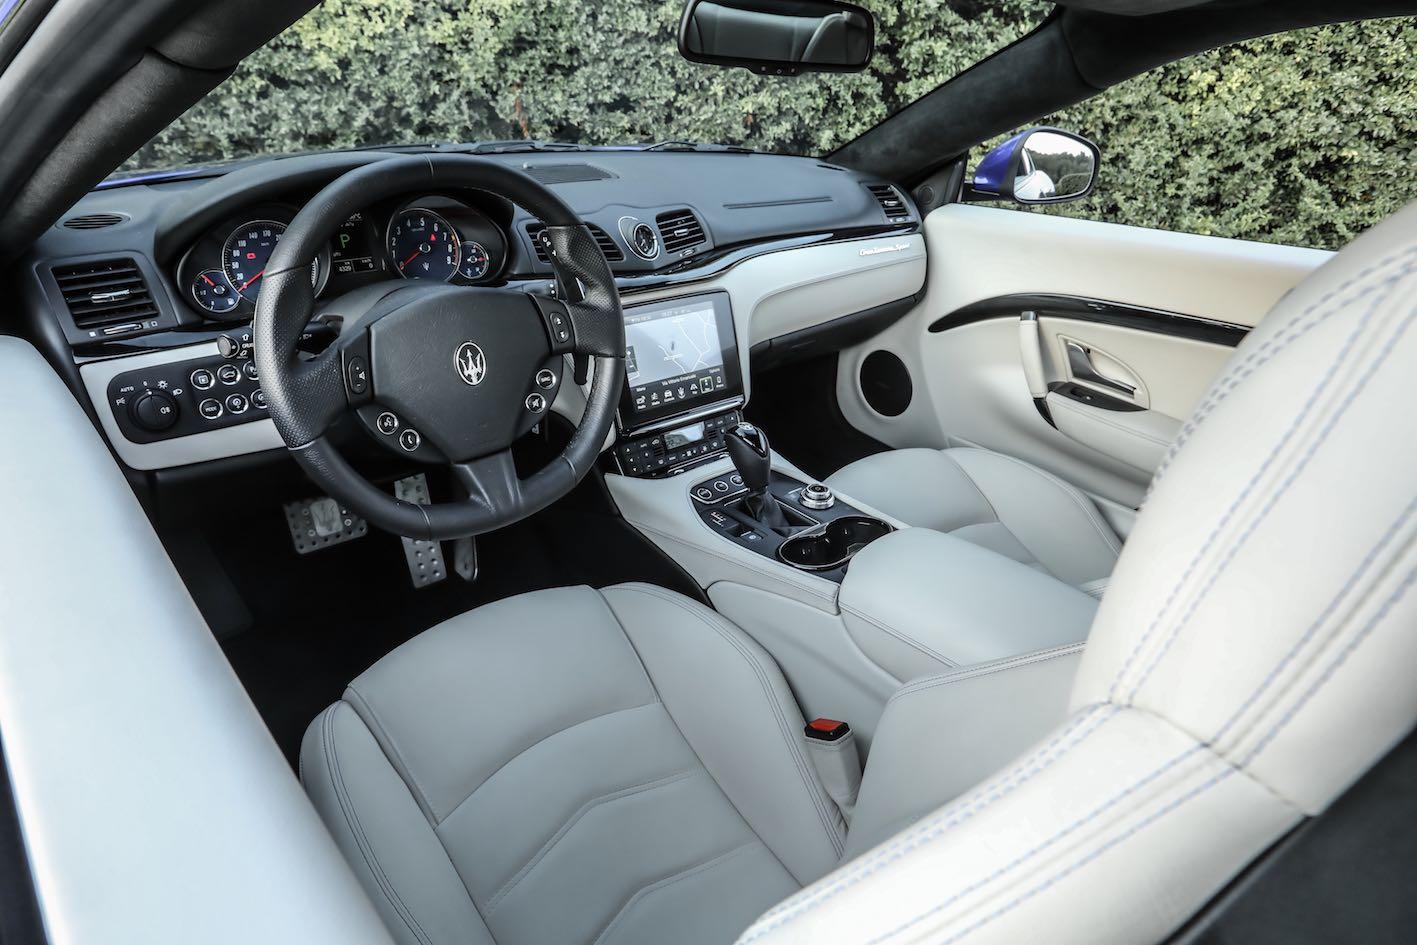 Maserati Granturismo 2018 Innenausstattung